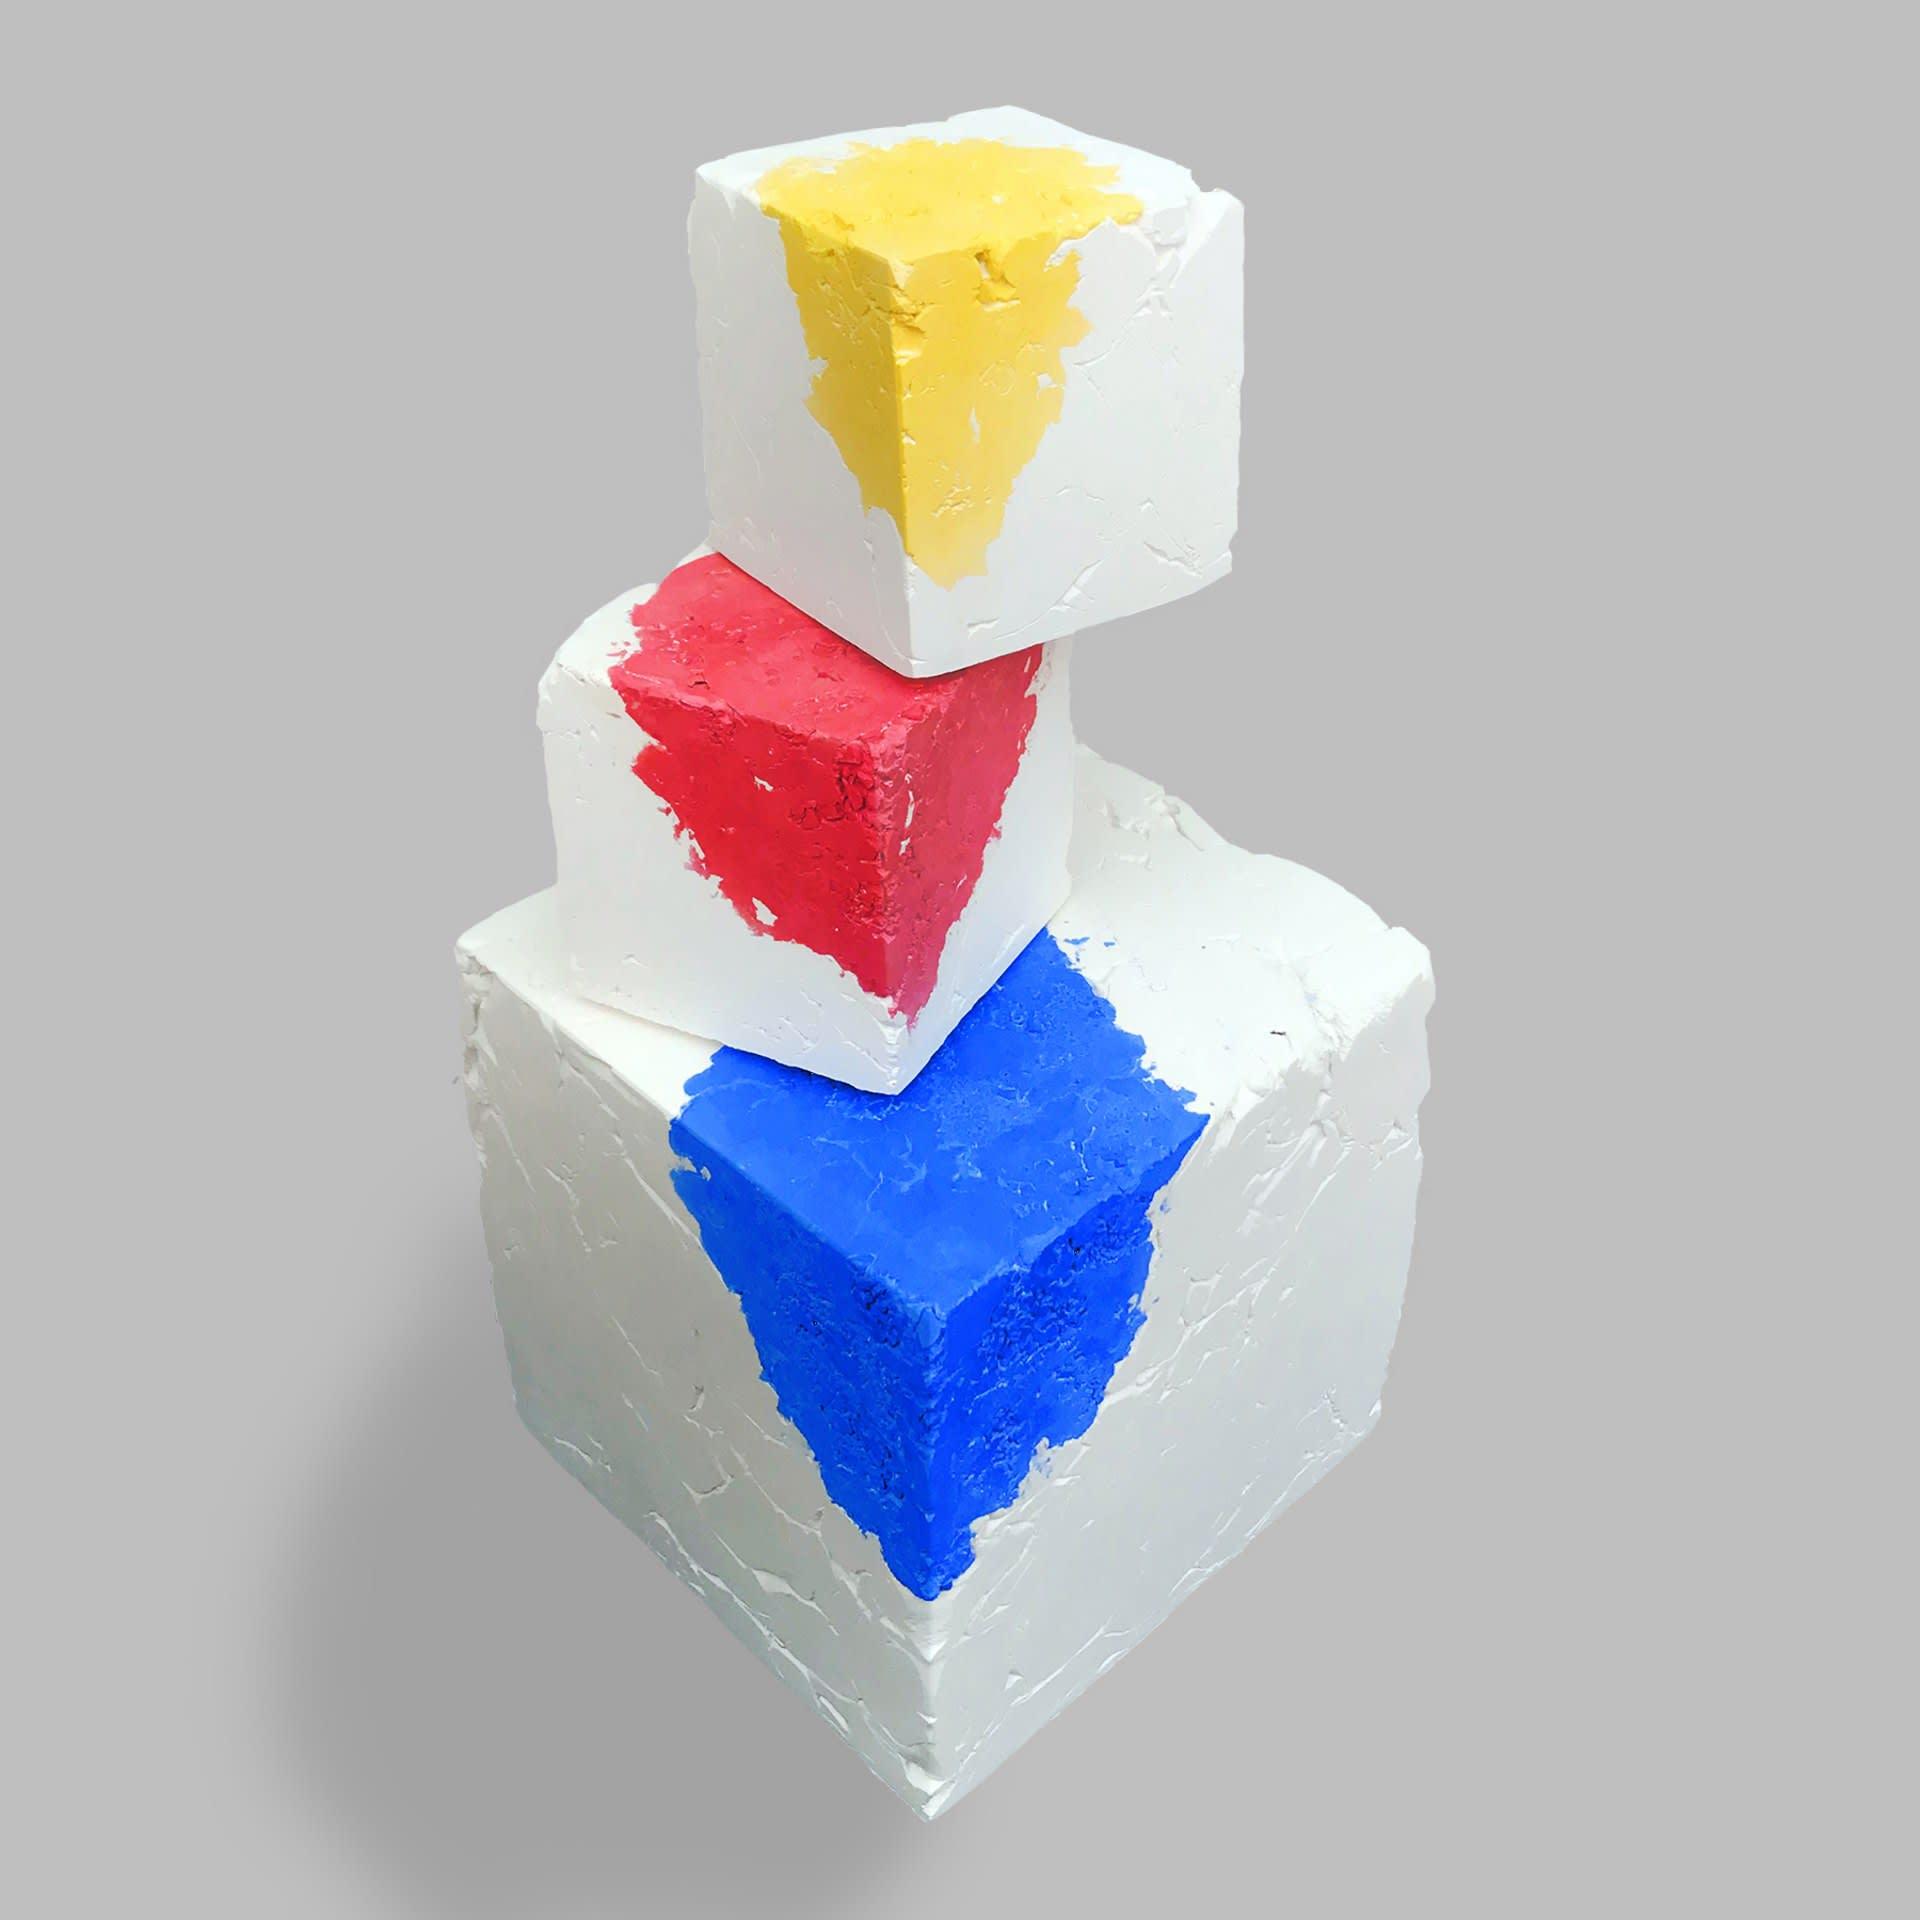 Emergence (Blue I), Emergence (Red I) & Emergence (Yellow I)